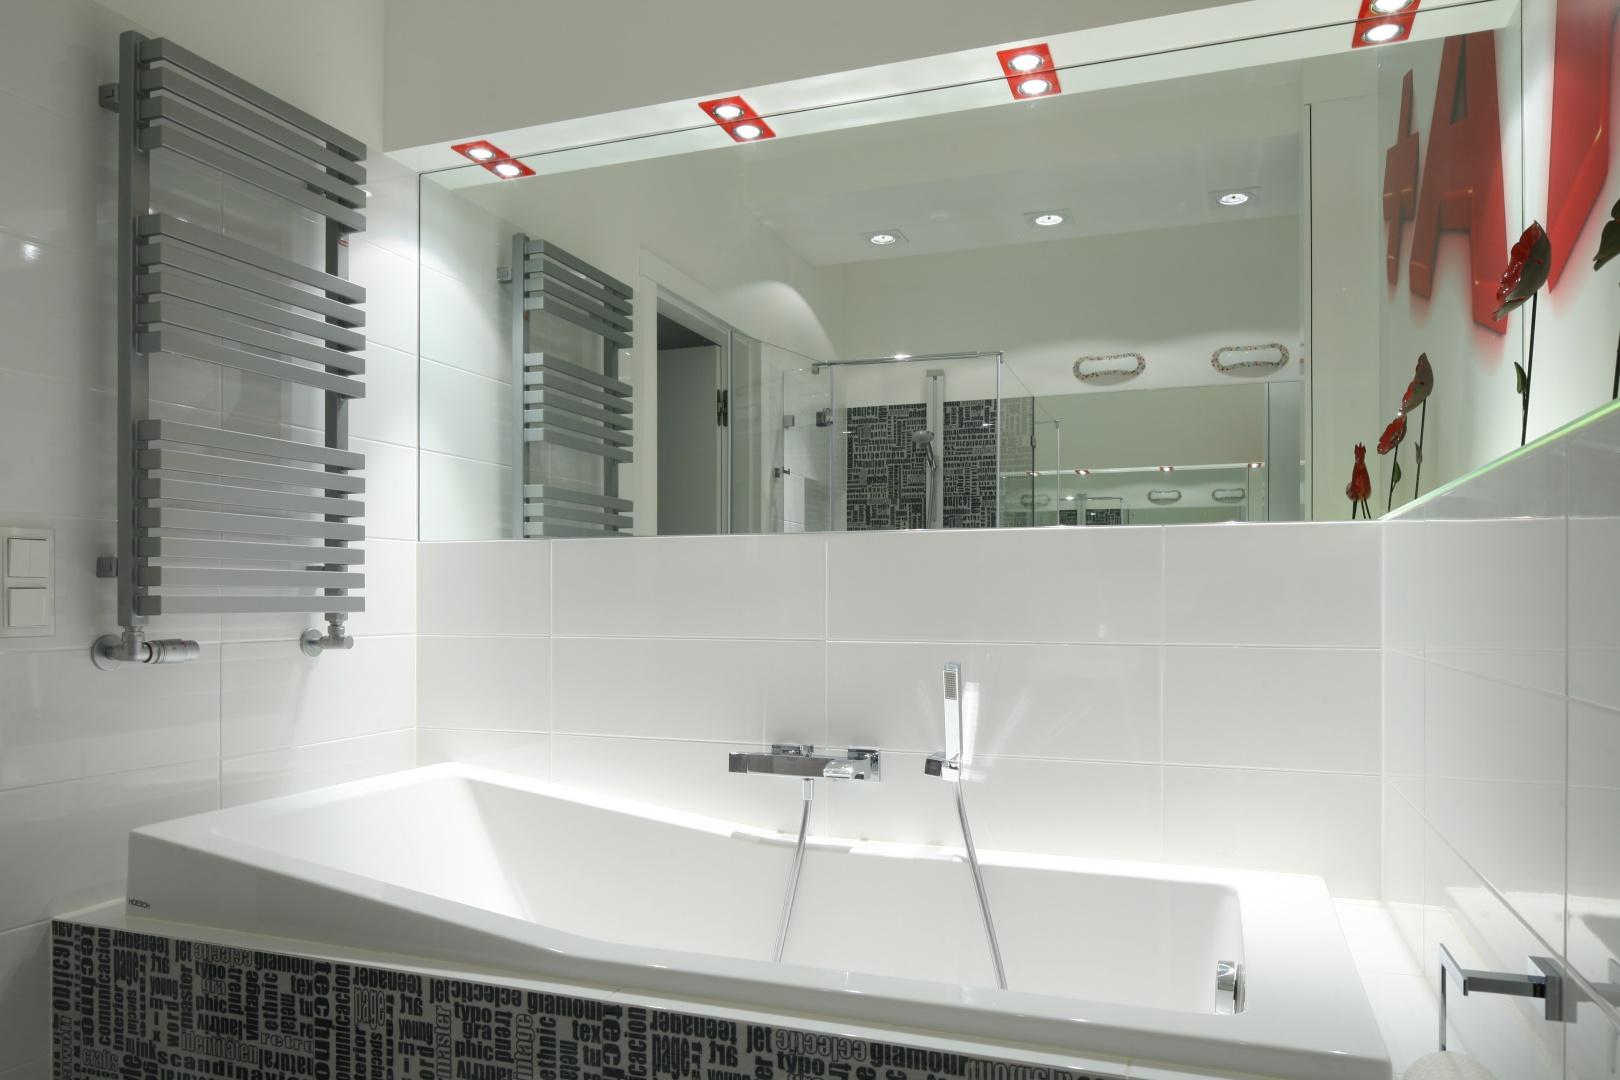 Tuż nad wanną zamontowano dużą taflę lustra, która optycznie powiększyła łazienkę przy sypialni. Szary grzejnik idealnie współgra z płytkami z graficznymi dekorami. Projekt: Katarzyna Mikulska-Sękalska. Fot. Bartosz Jarosz.